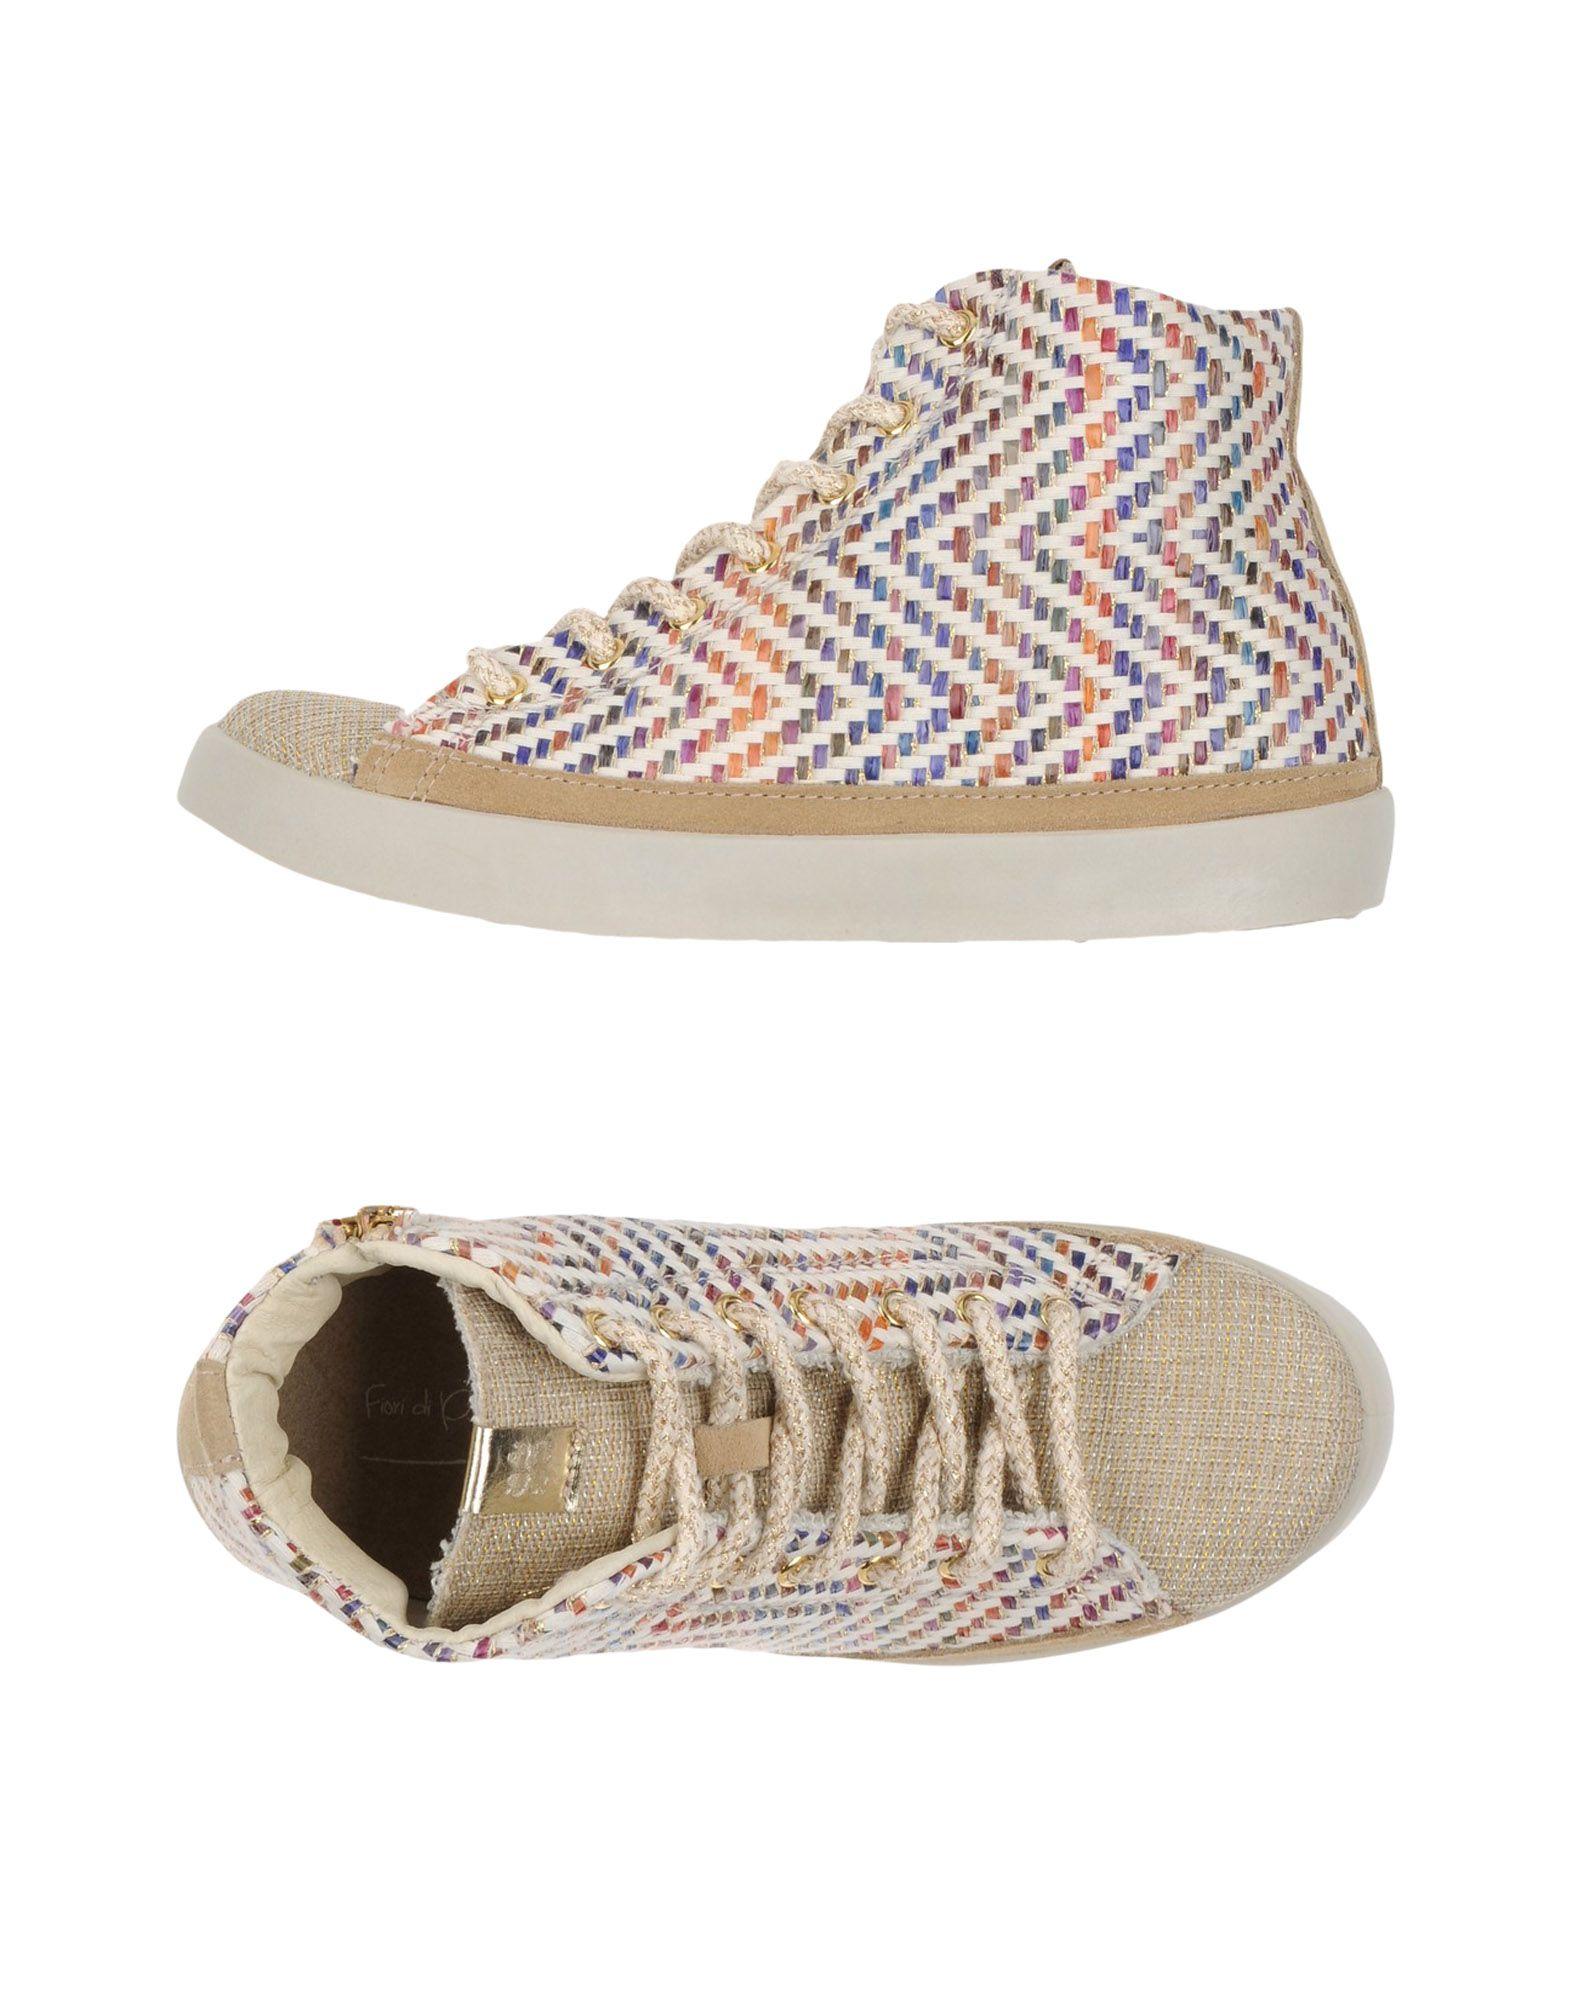 Baskets Fiori Di Picche Femme - Baskets Fiori Di Picche Beige Nouvelles chaussures pour hommes et femmes, remise limitée dans le temps